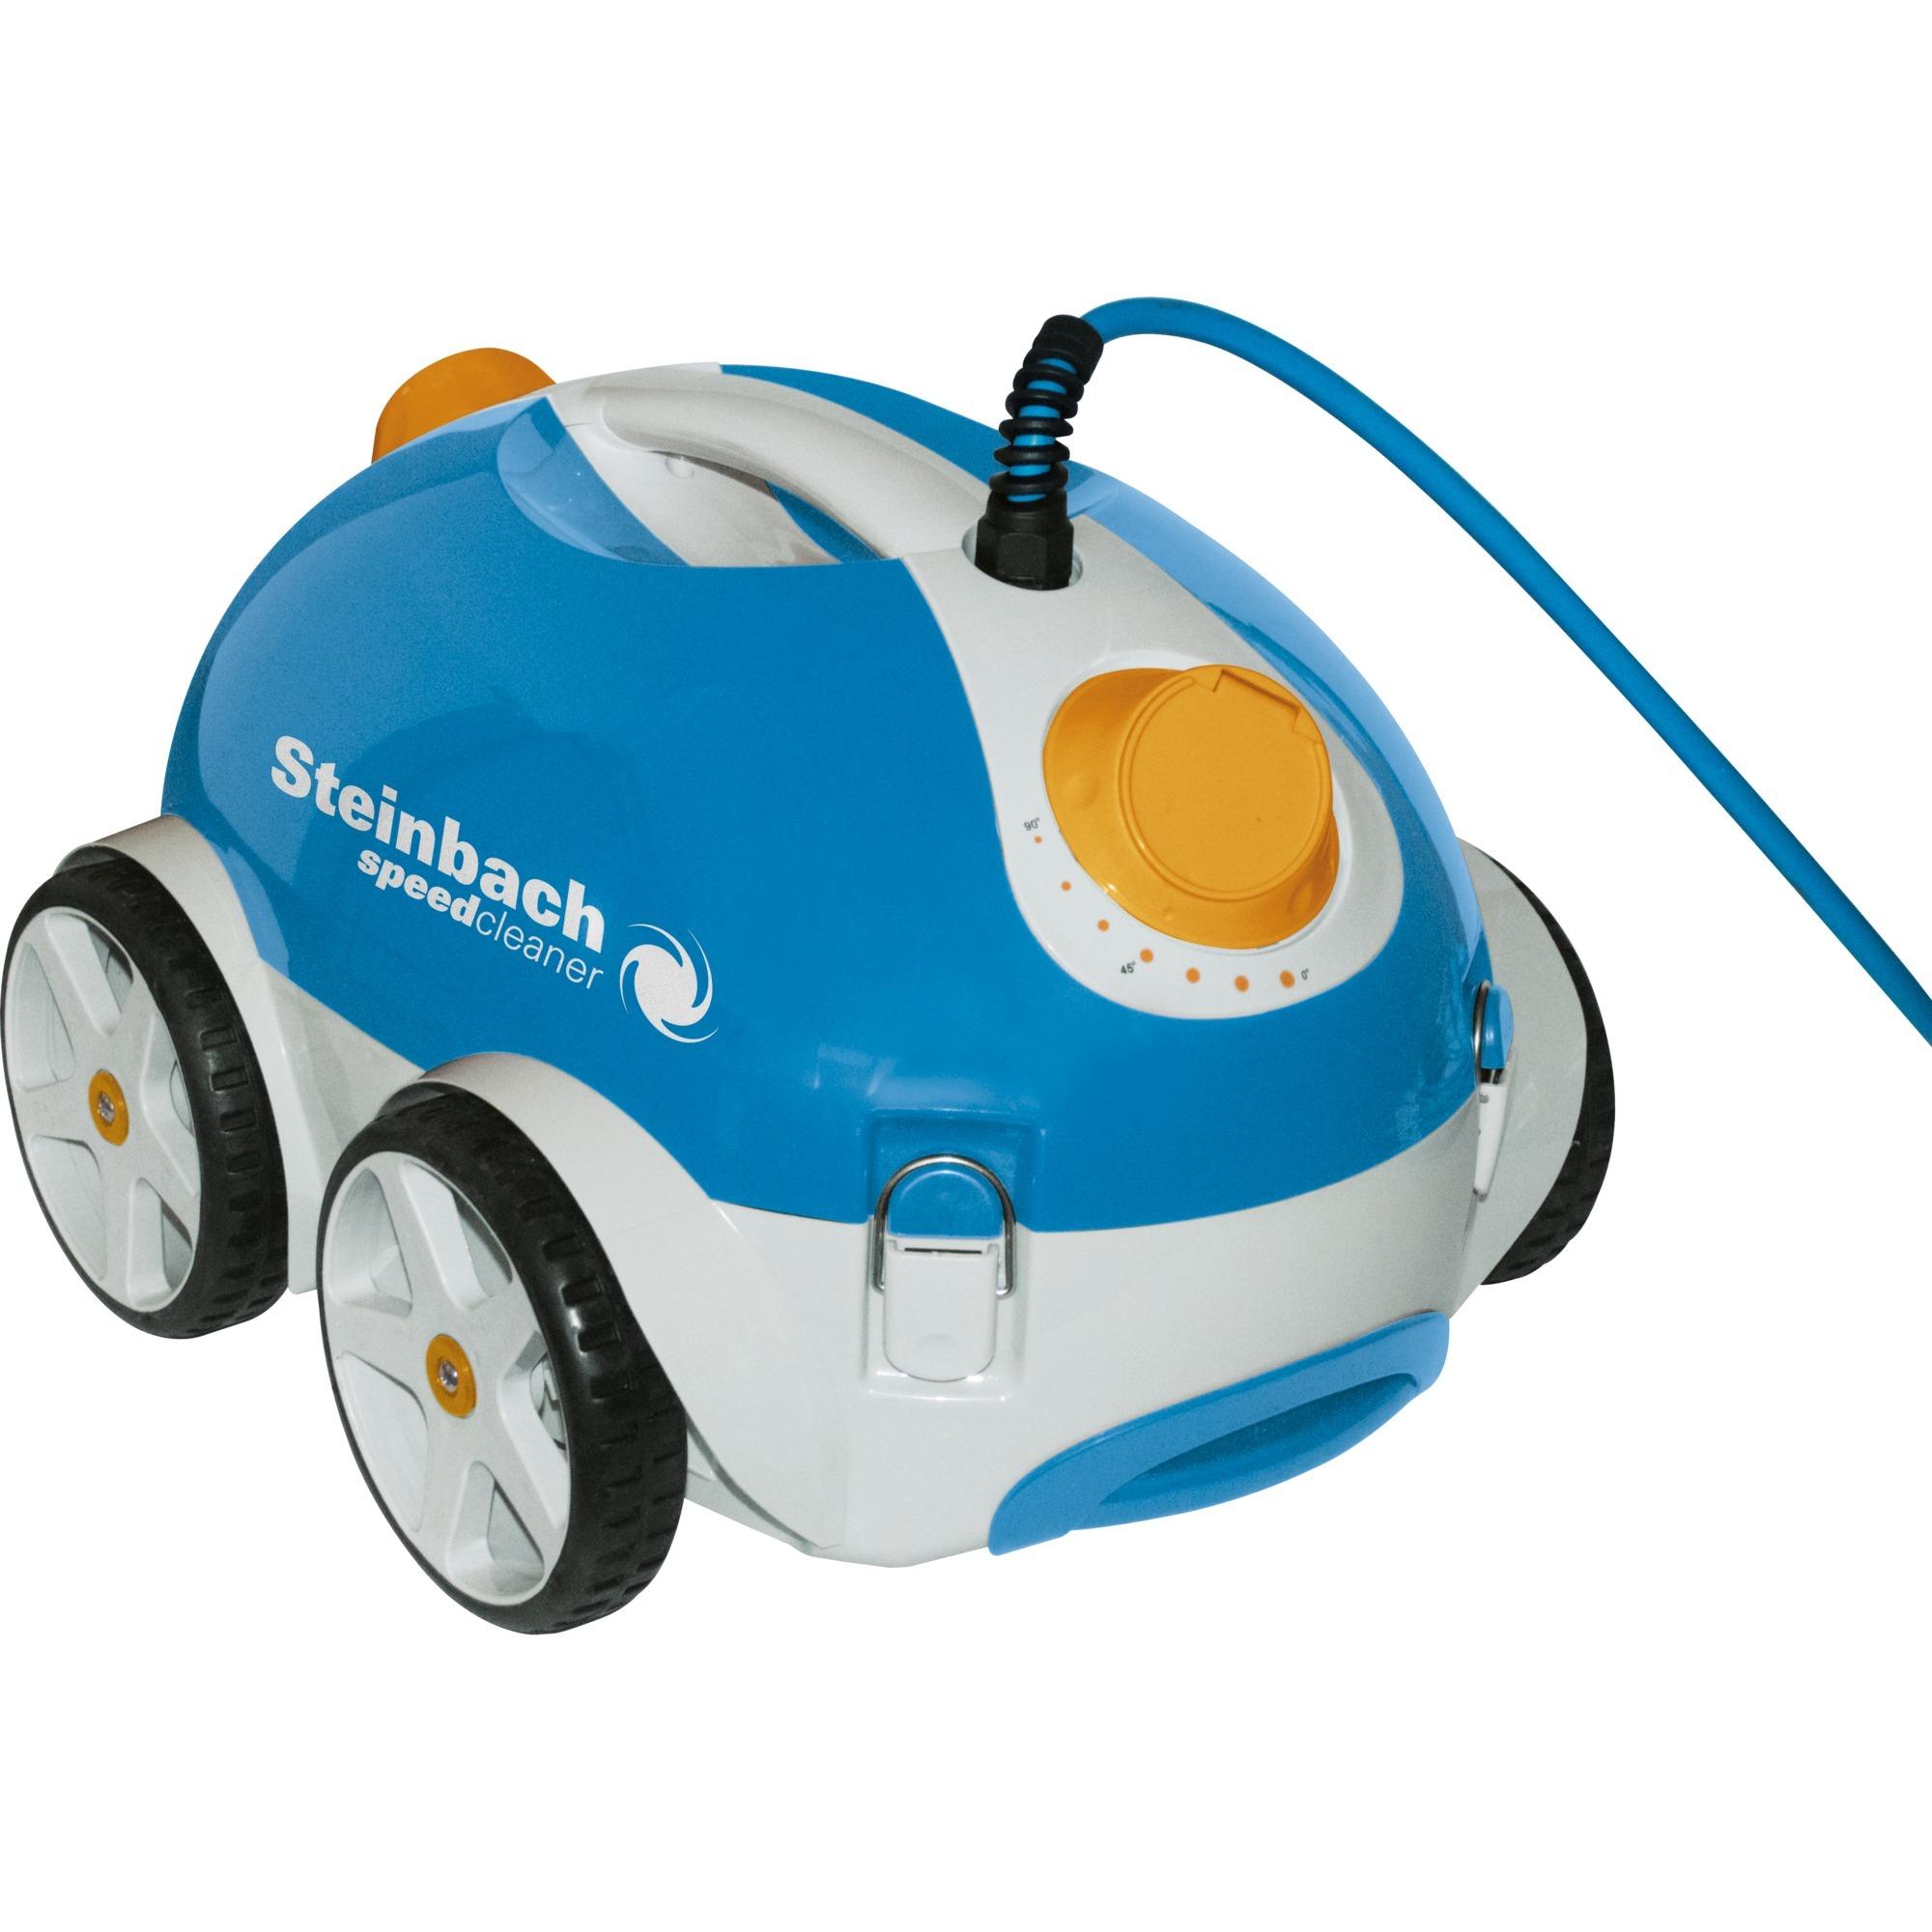 61014, Robot aspirador